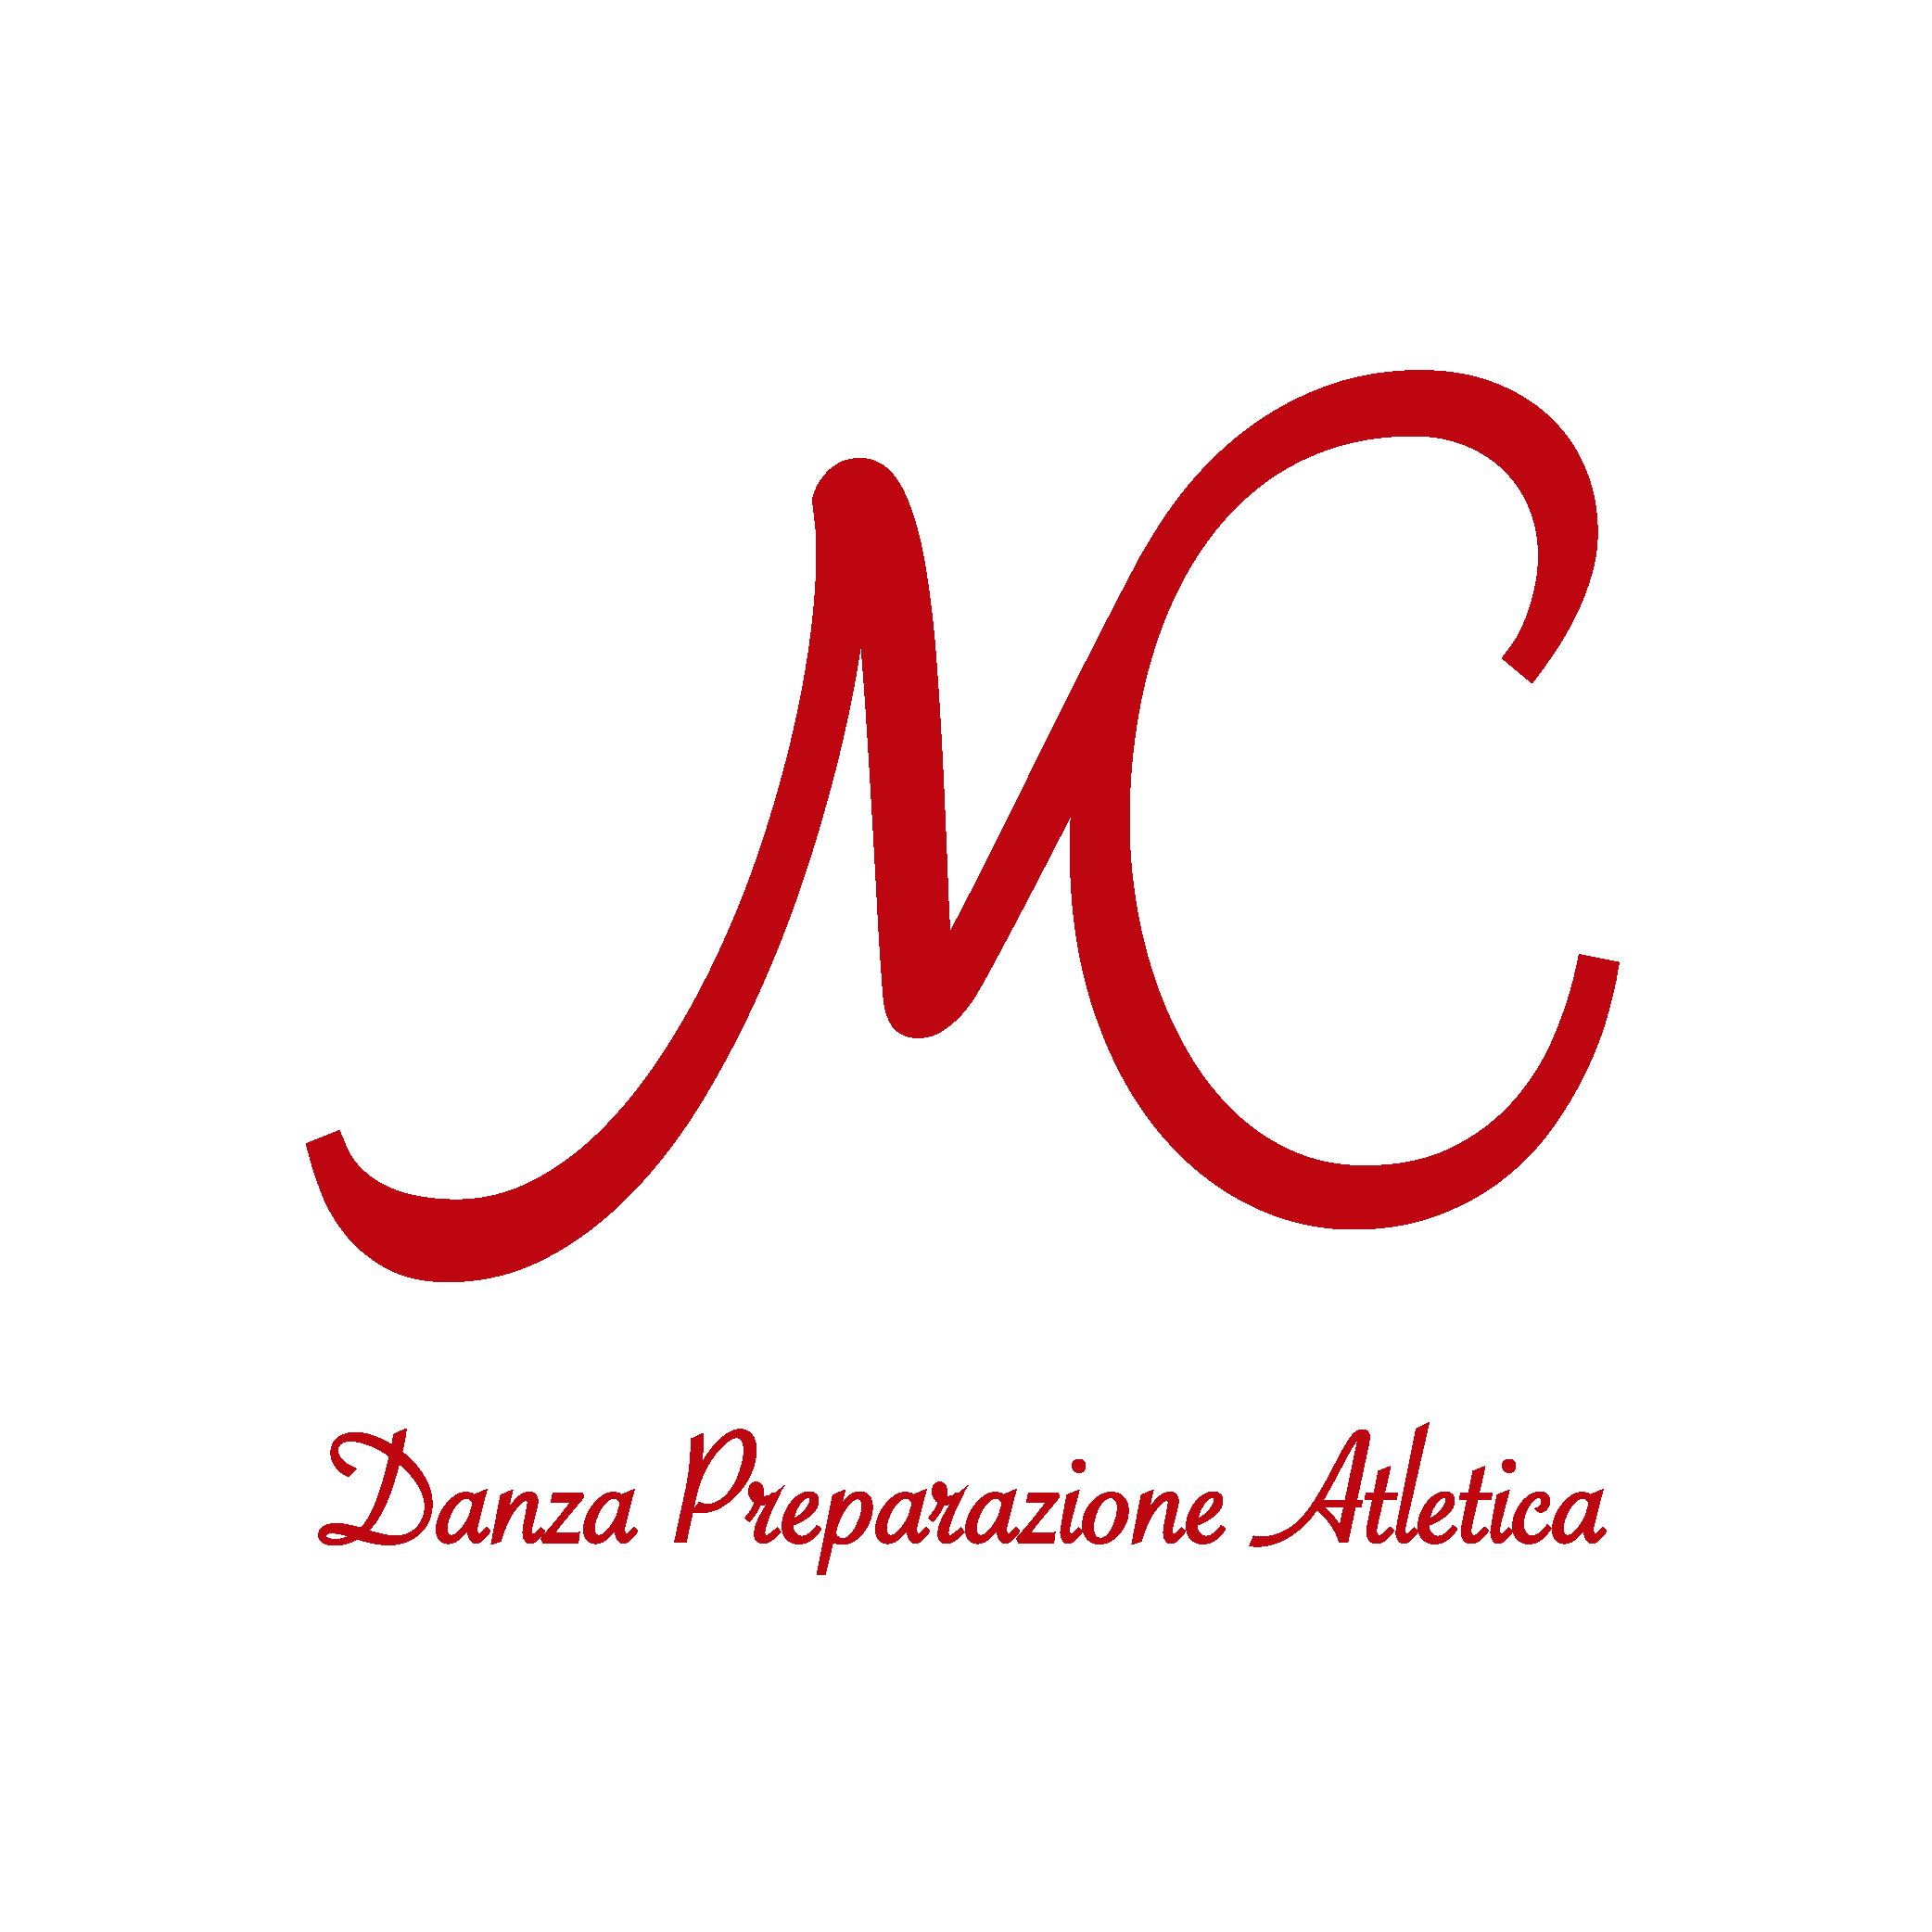 Danza Preparazione Atletica Logo